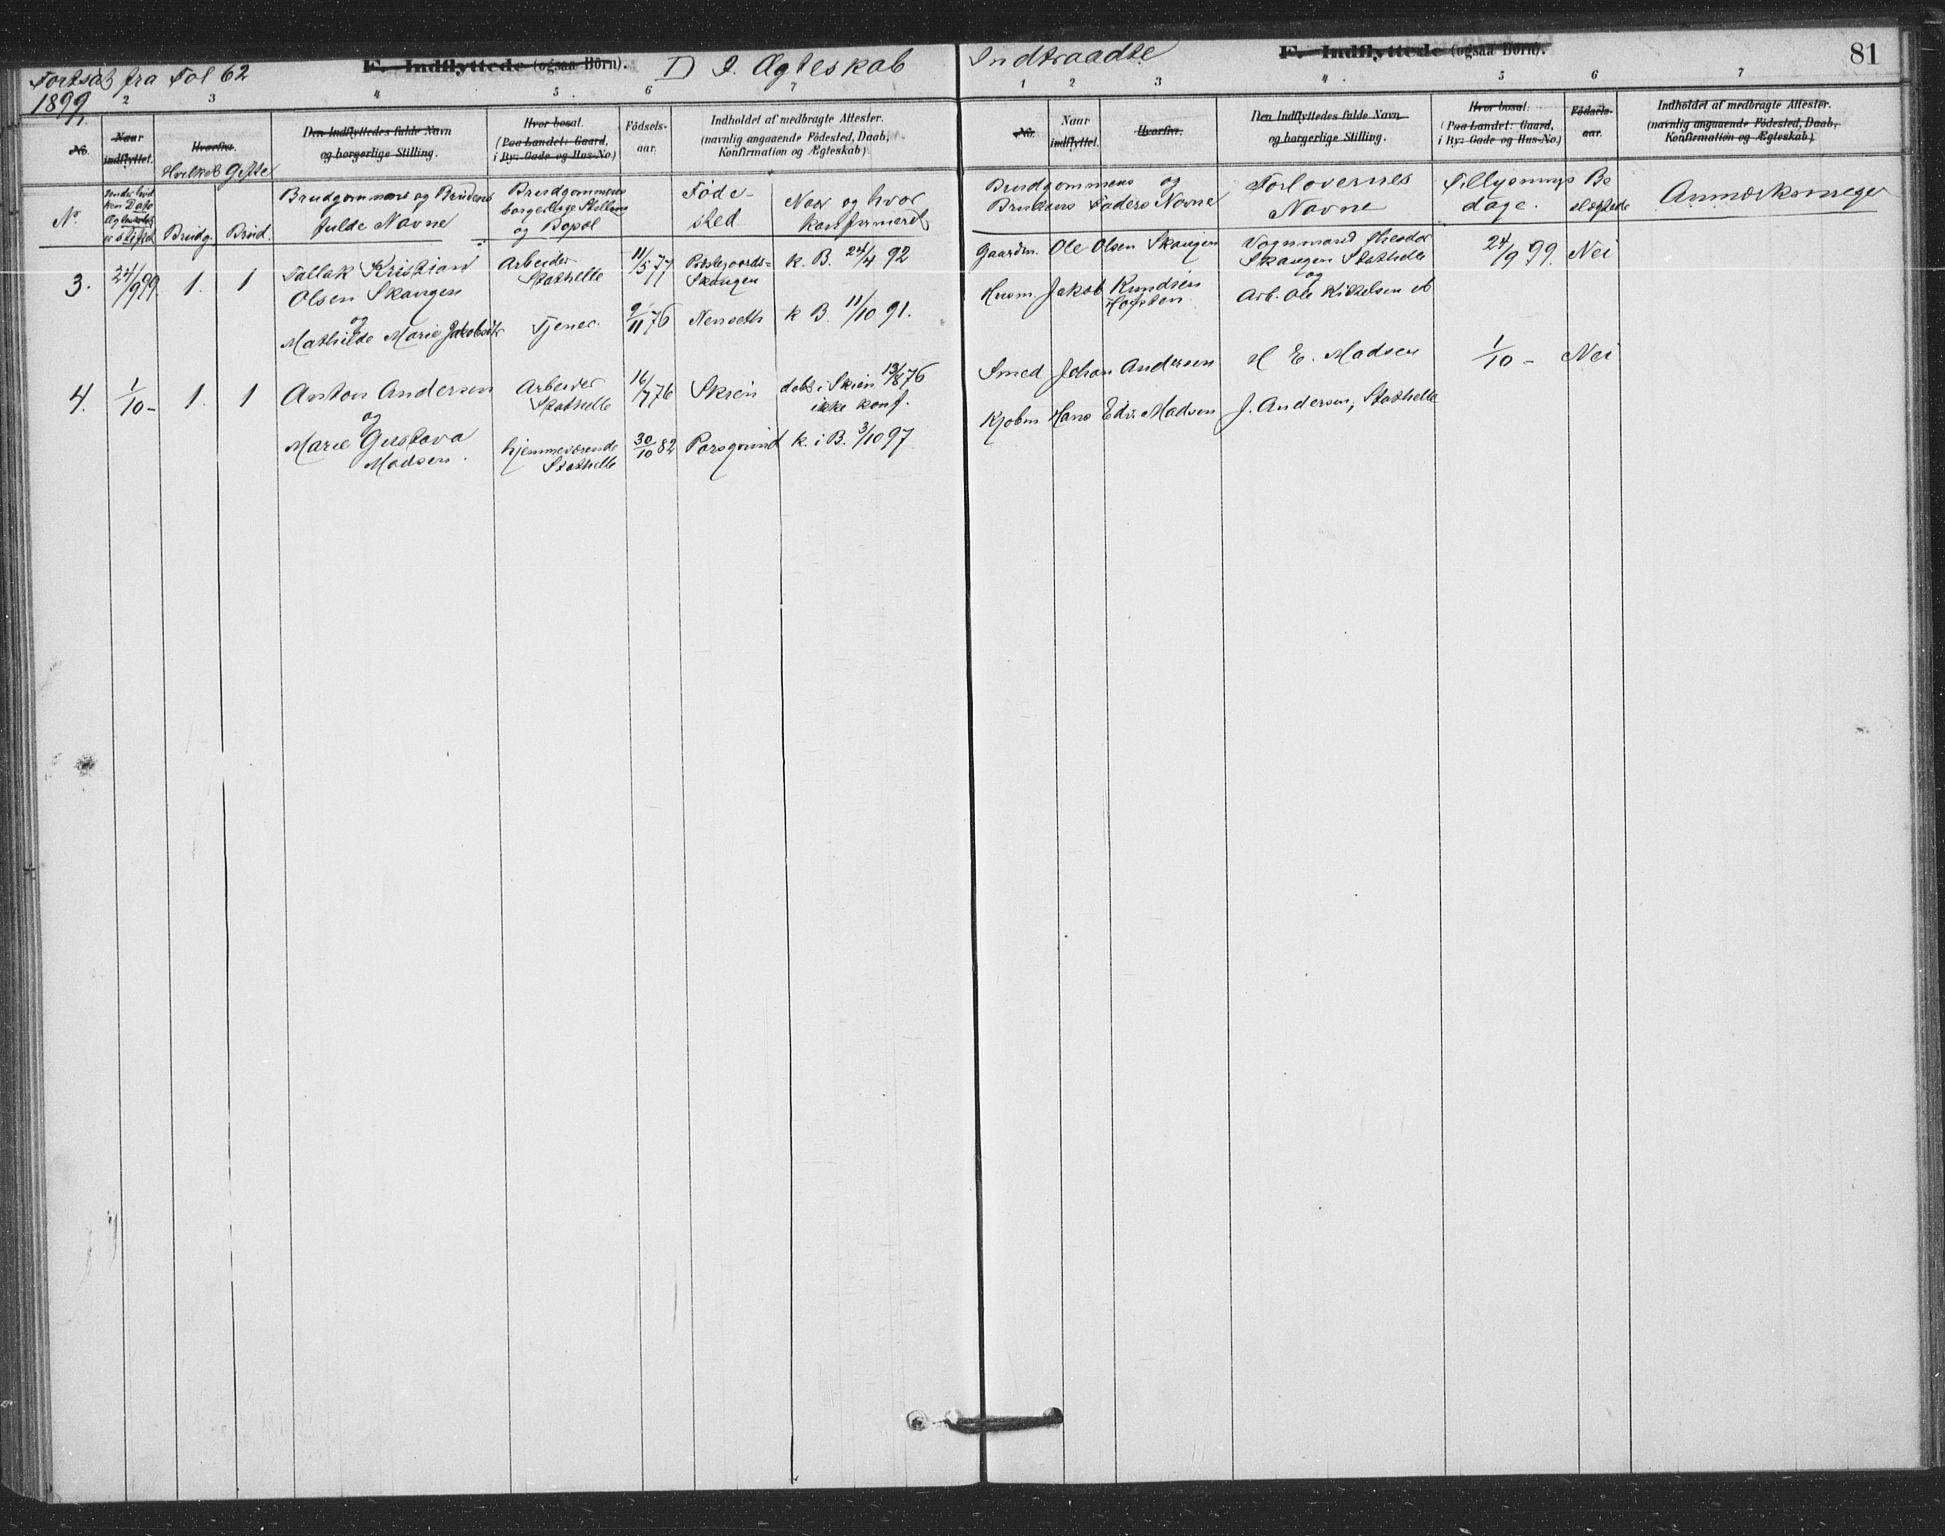 SAKO, Bamble kirkebøker, F/Fb/L0001: Ministerialbok nr. II 1, 1878-1899, s. 81